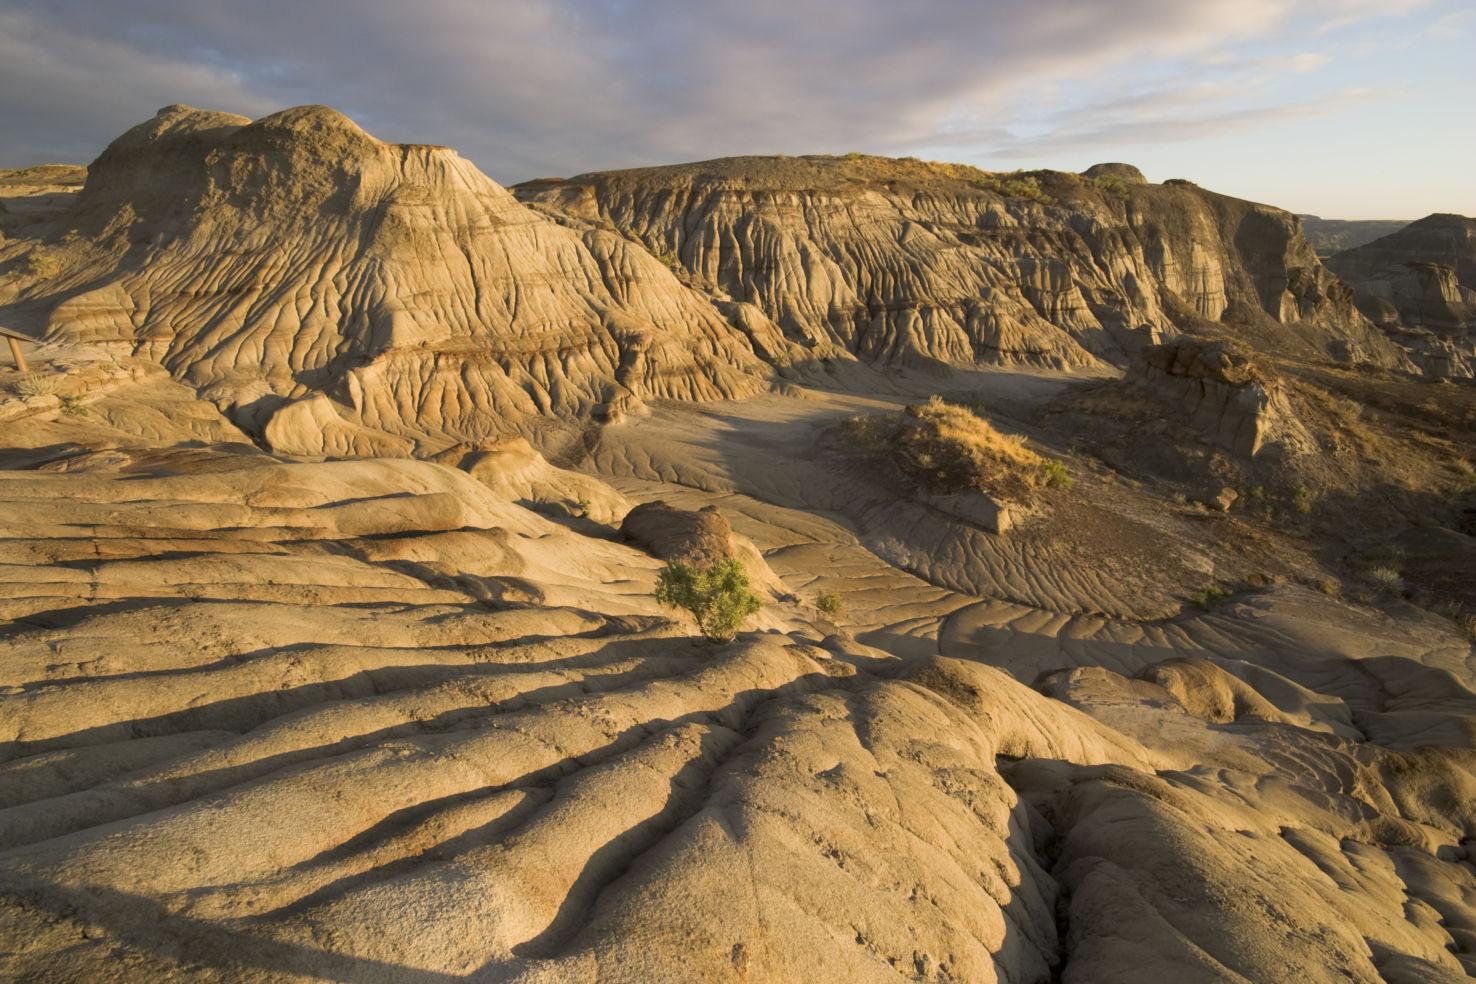 Badlands, erosion rills, Dinosaur Provincial Park, Alberta, Canada